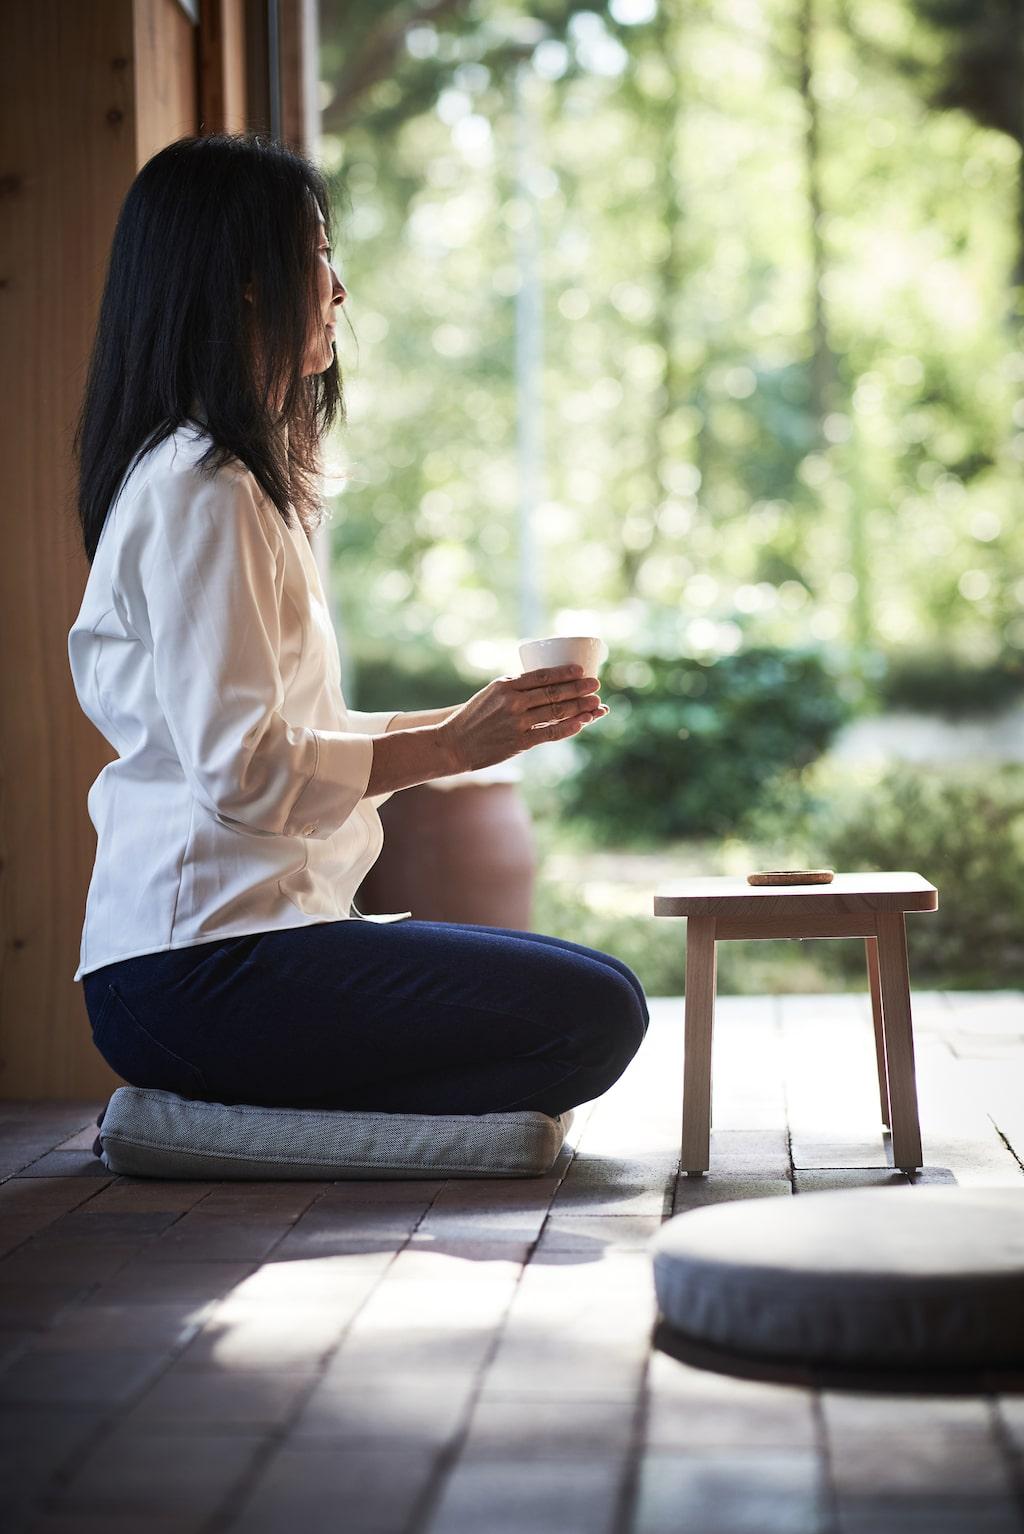 Ikeas nya Omtänksam sortiment är utvecklat tillsammans med ergonomer, sjukgymnaster och forskare inom vården. Omtänksam stolsdyna, ljusgrå, 149 kronor.